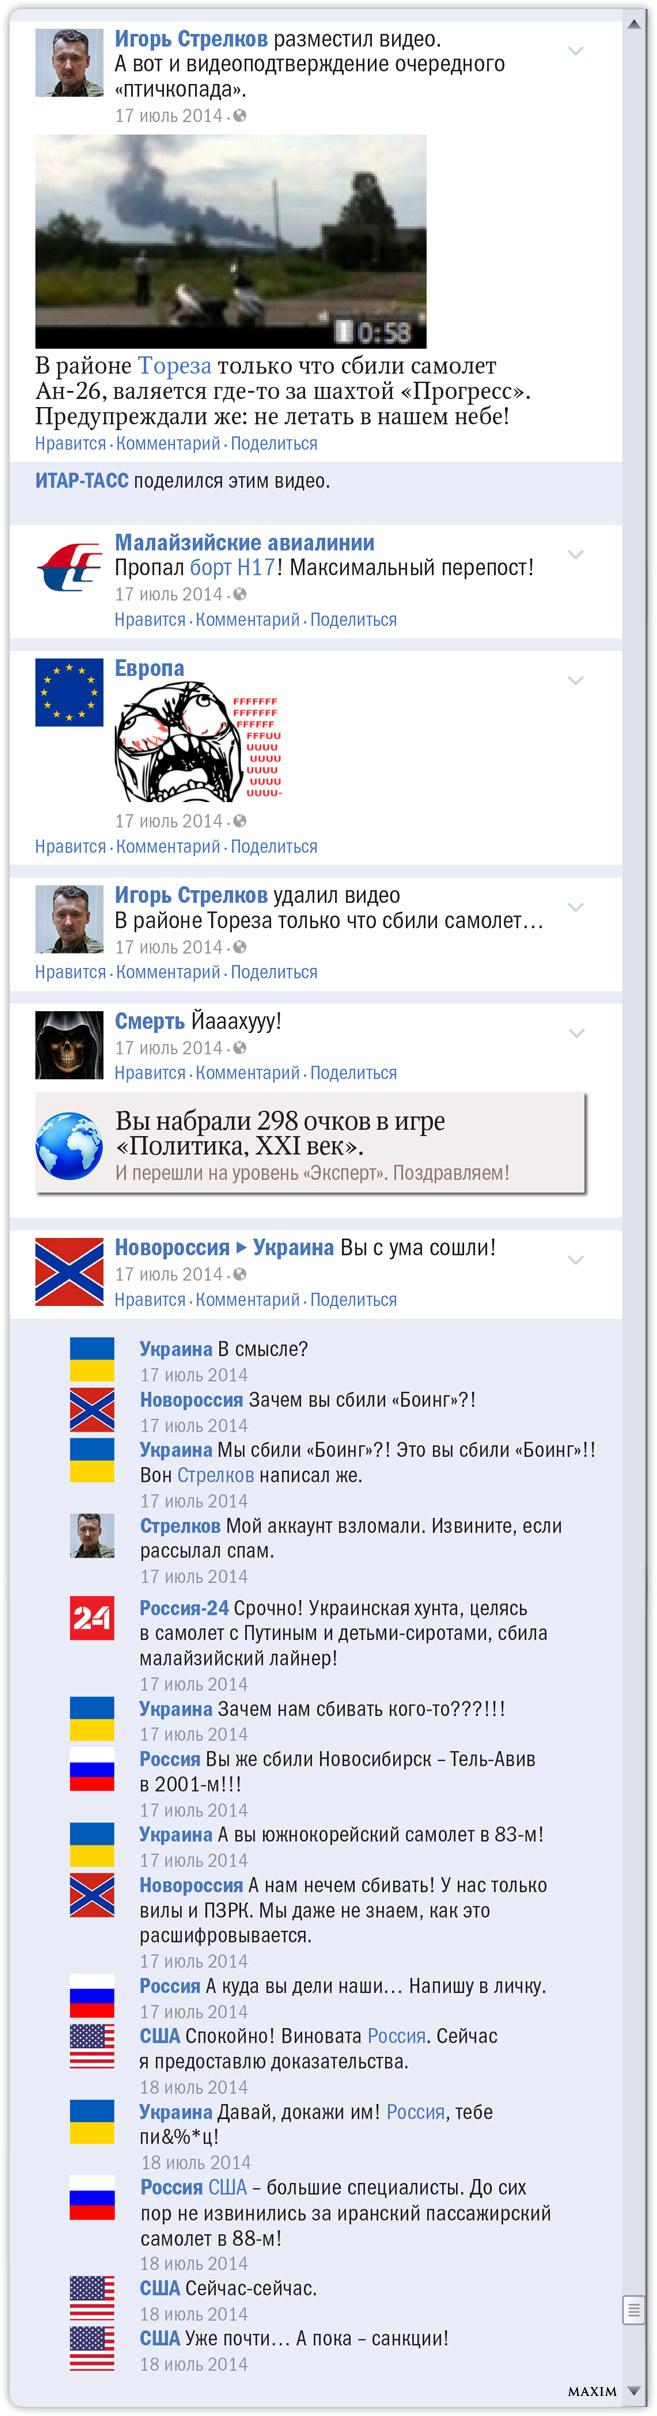 прикольные картинки и видеоролики 1413478616_rossiya-i-uraina-perepiska-facebook-7